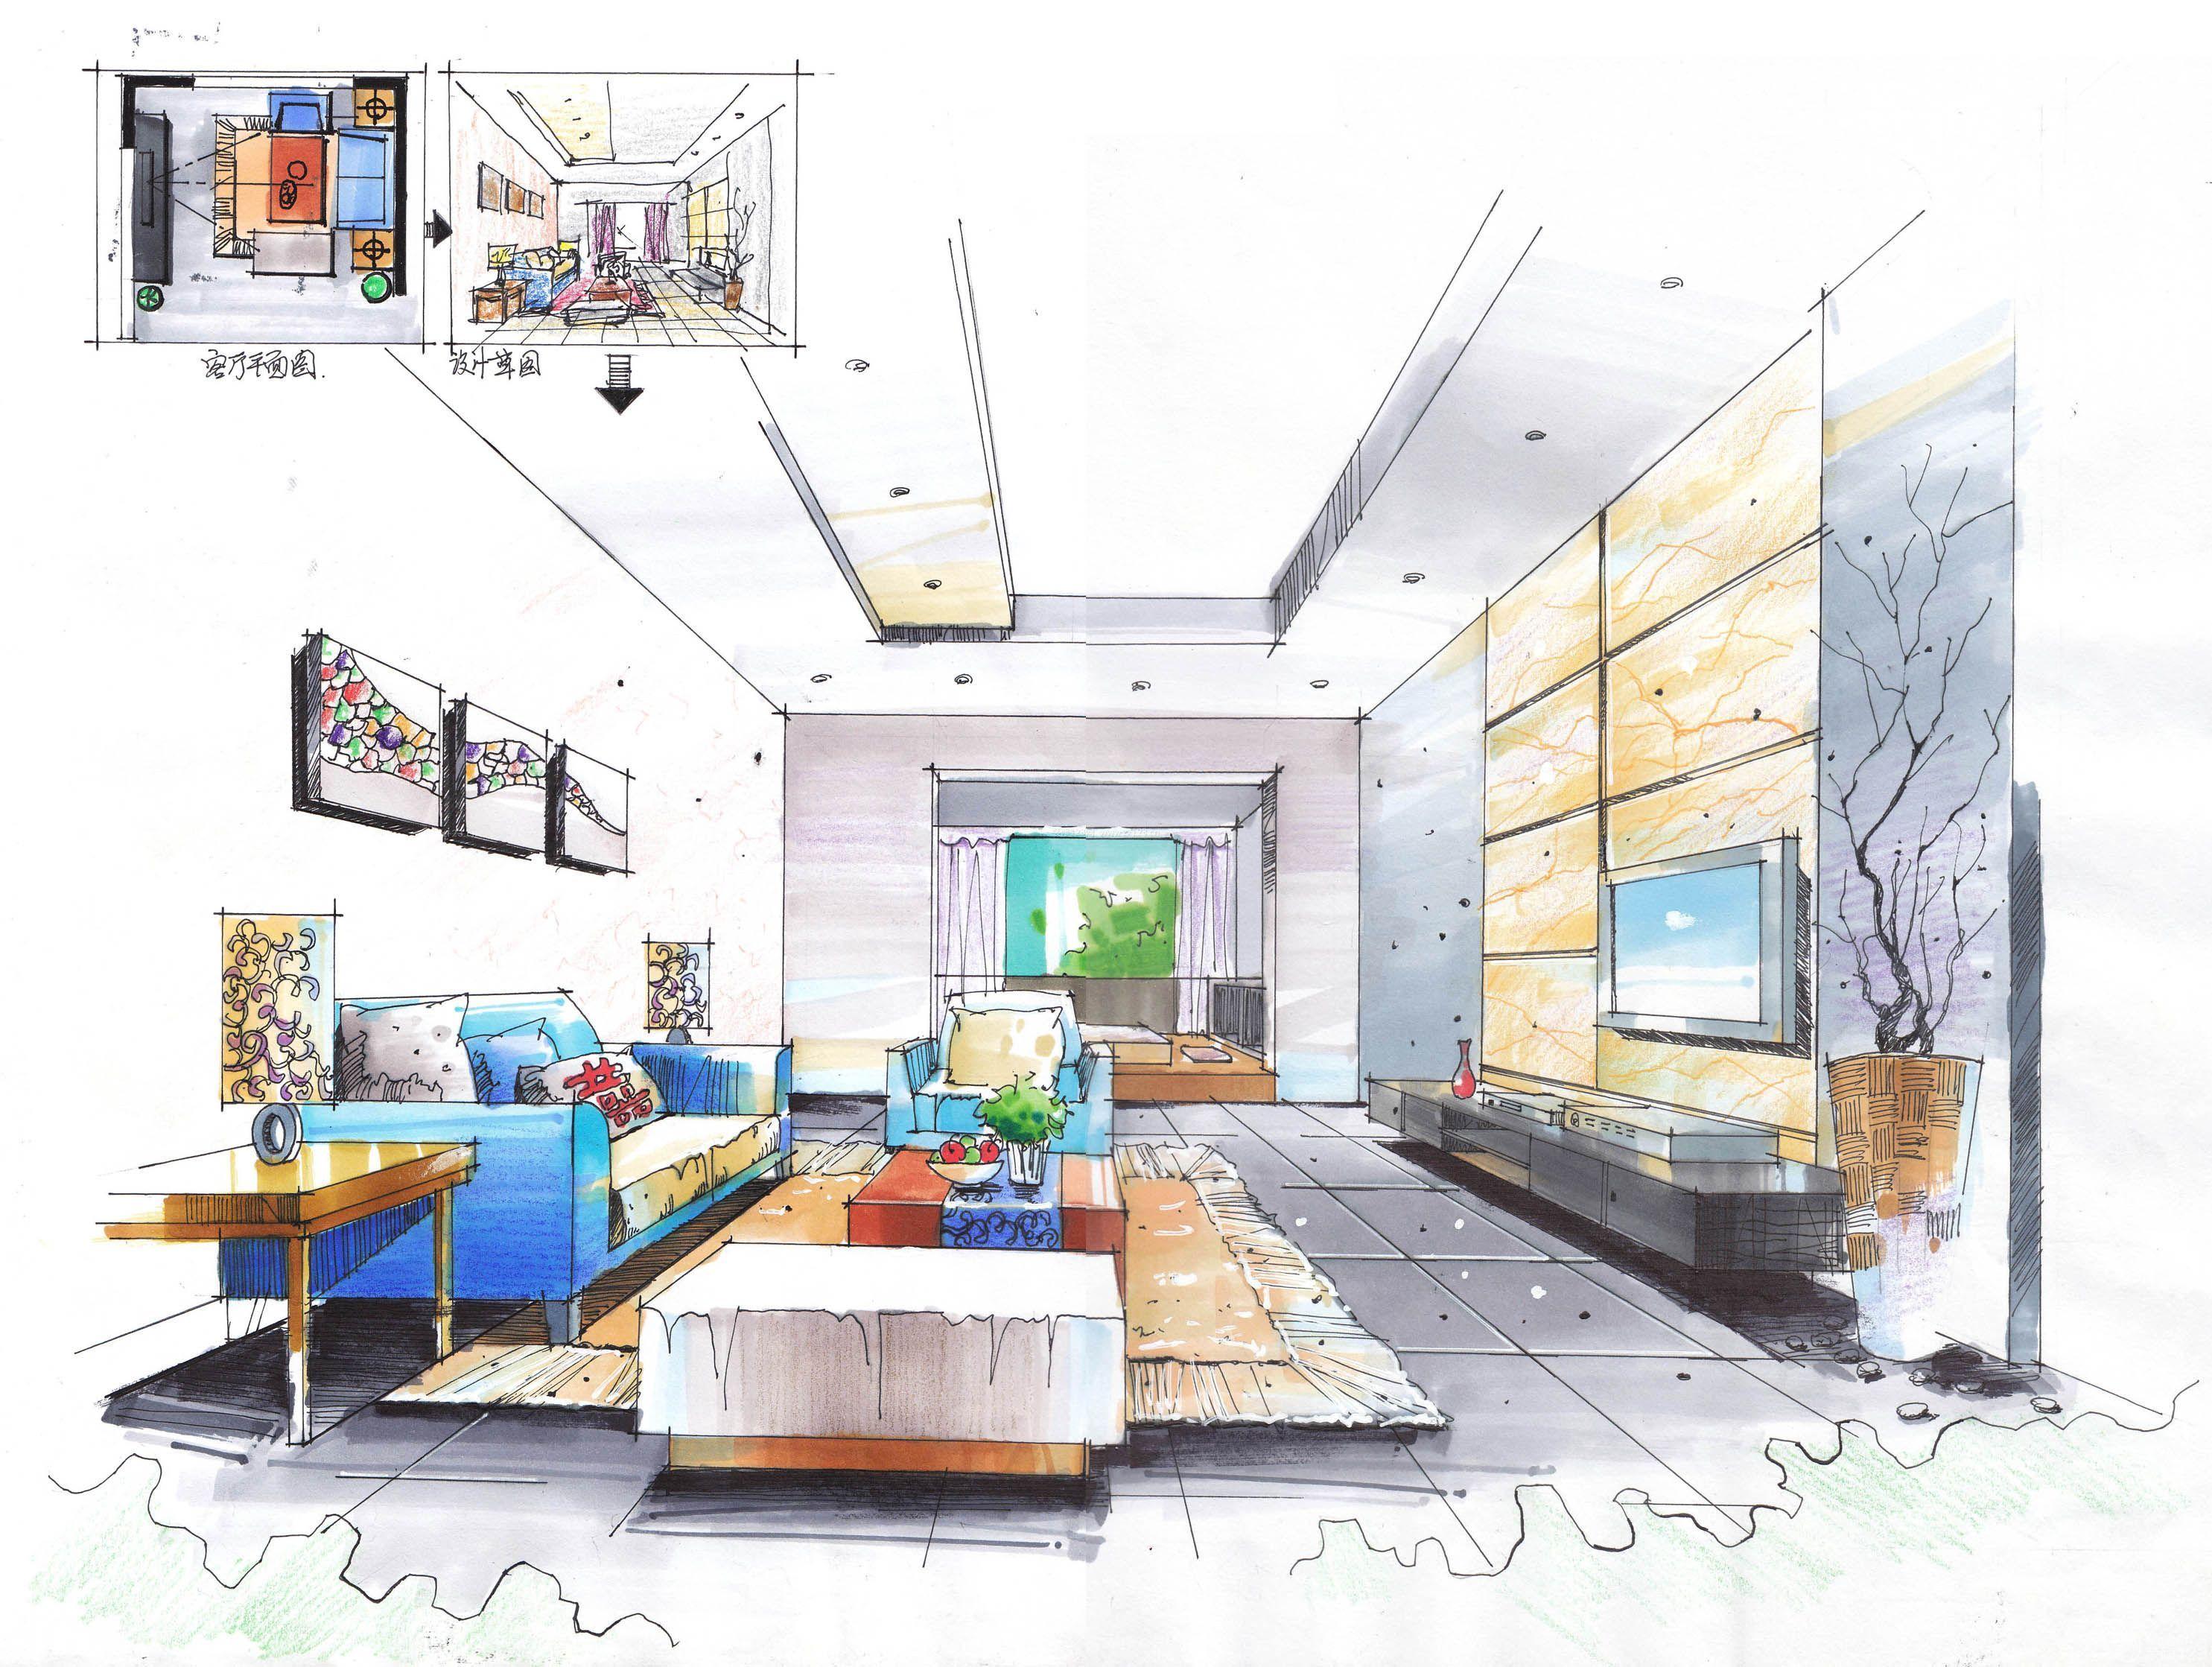 简约风格室内客厅手绘设计效果图